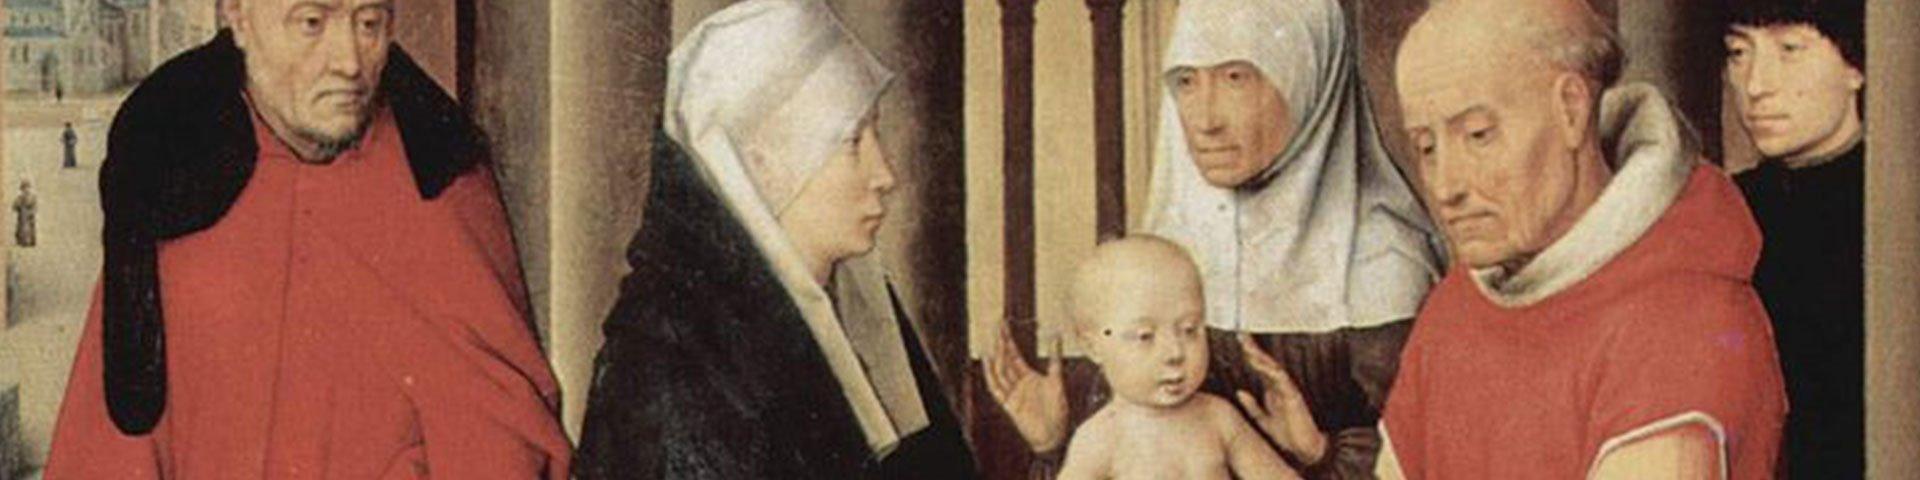 Ser madre en la Edad Media